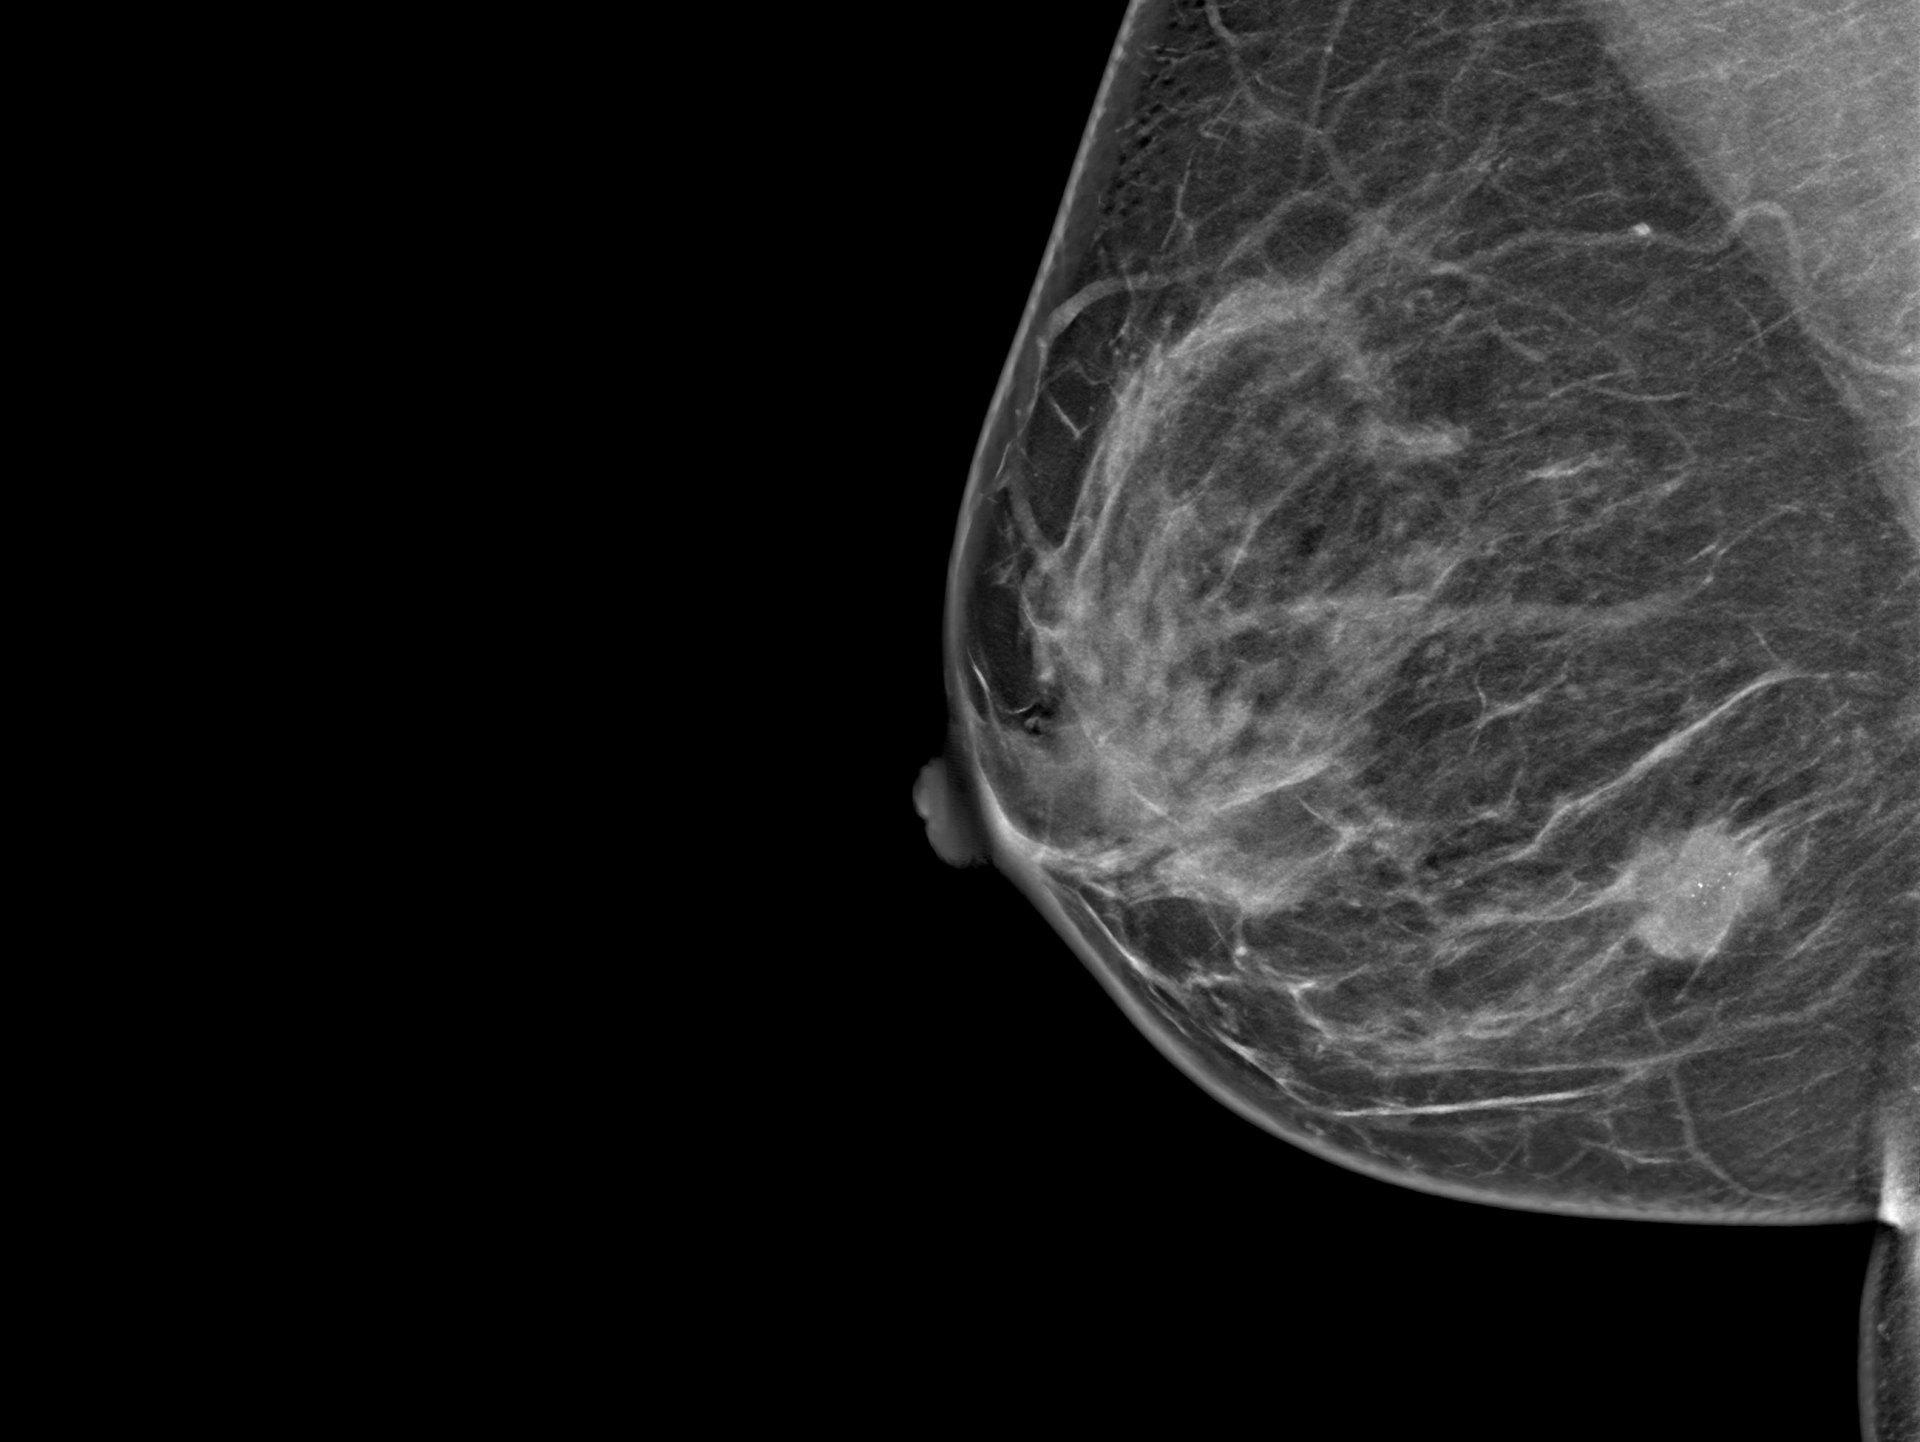 Brustkrebs, Brust, Tumor